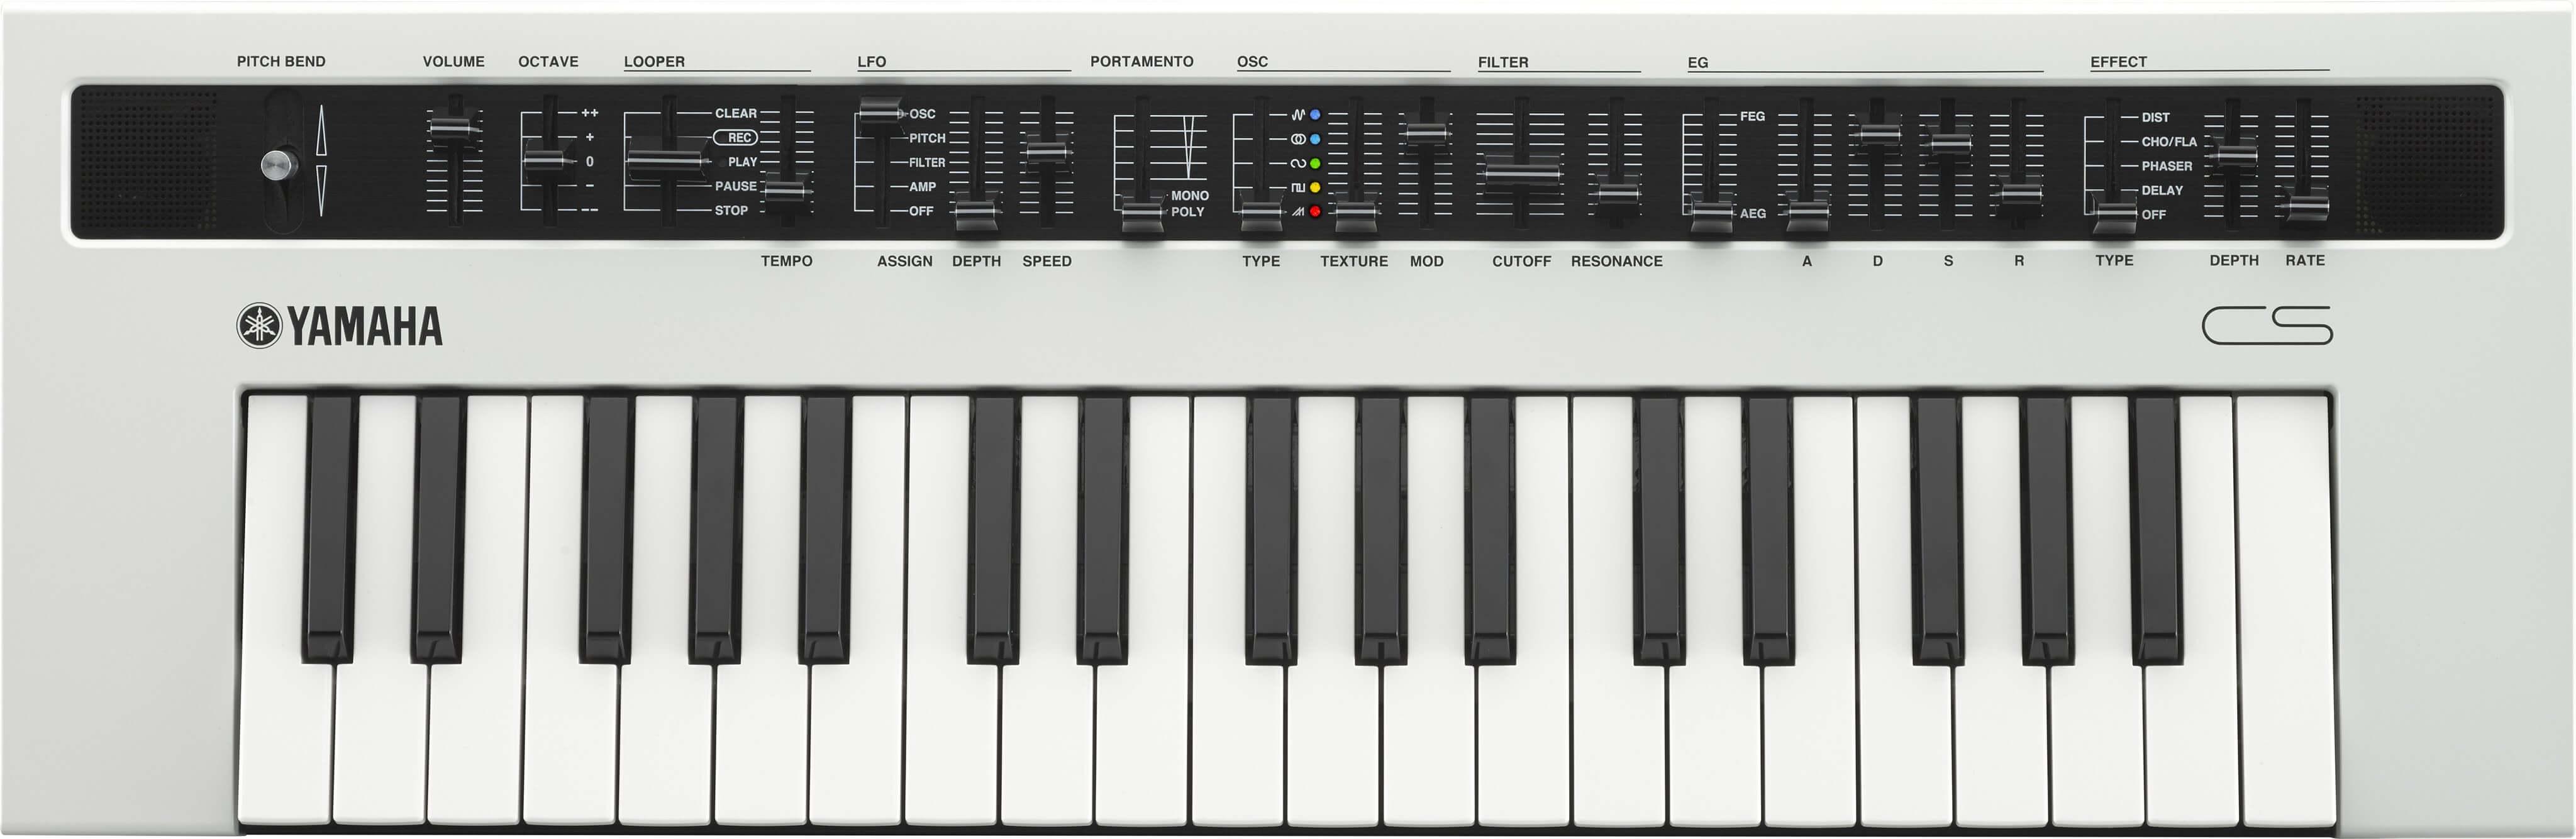 Sintetizador Yamaha Reface CS